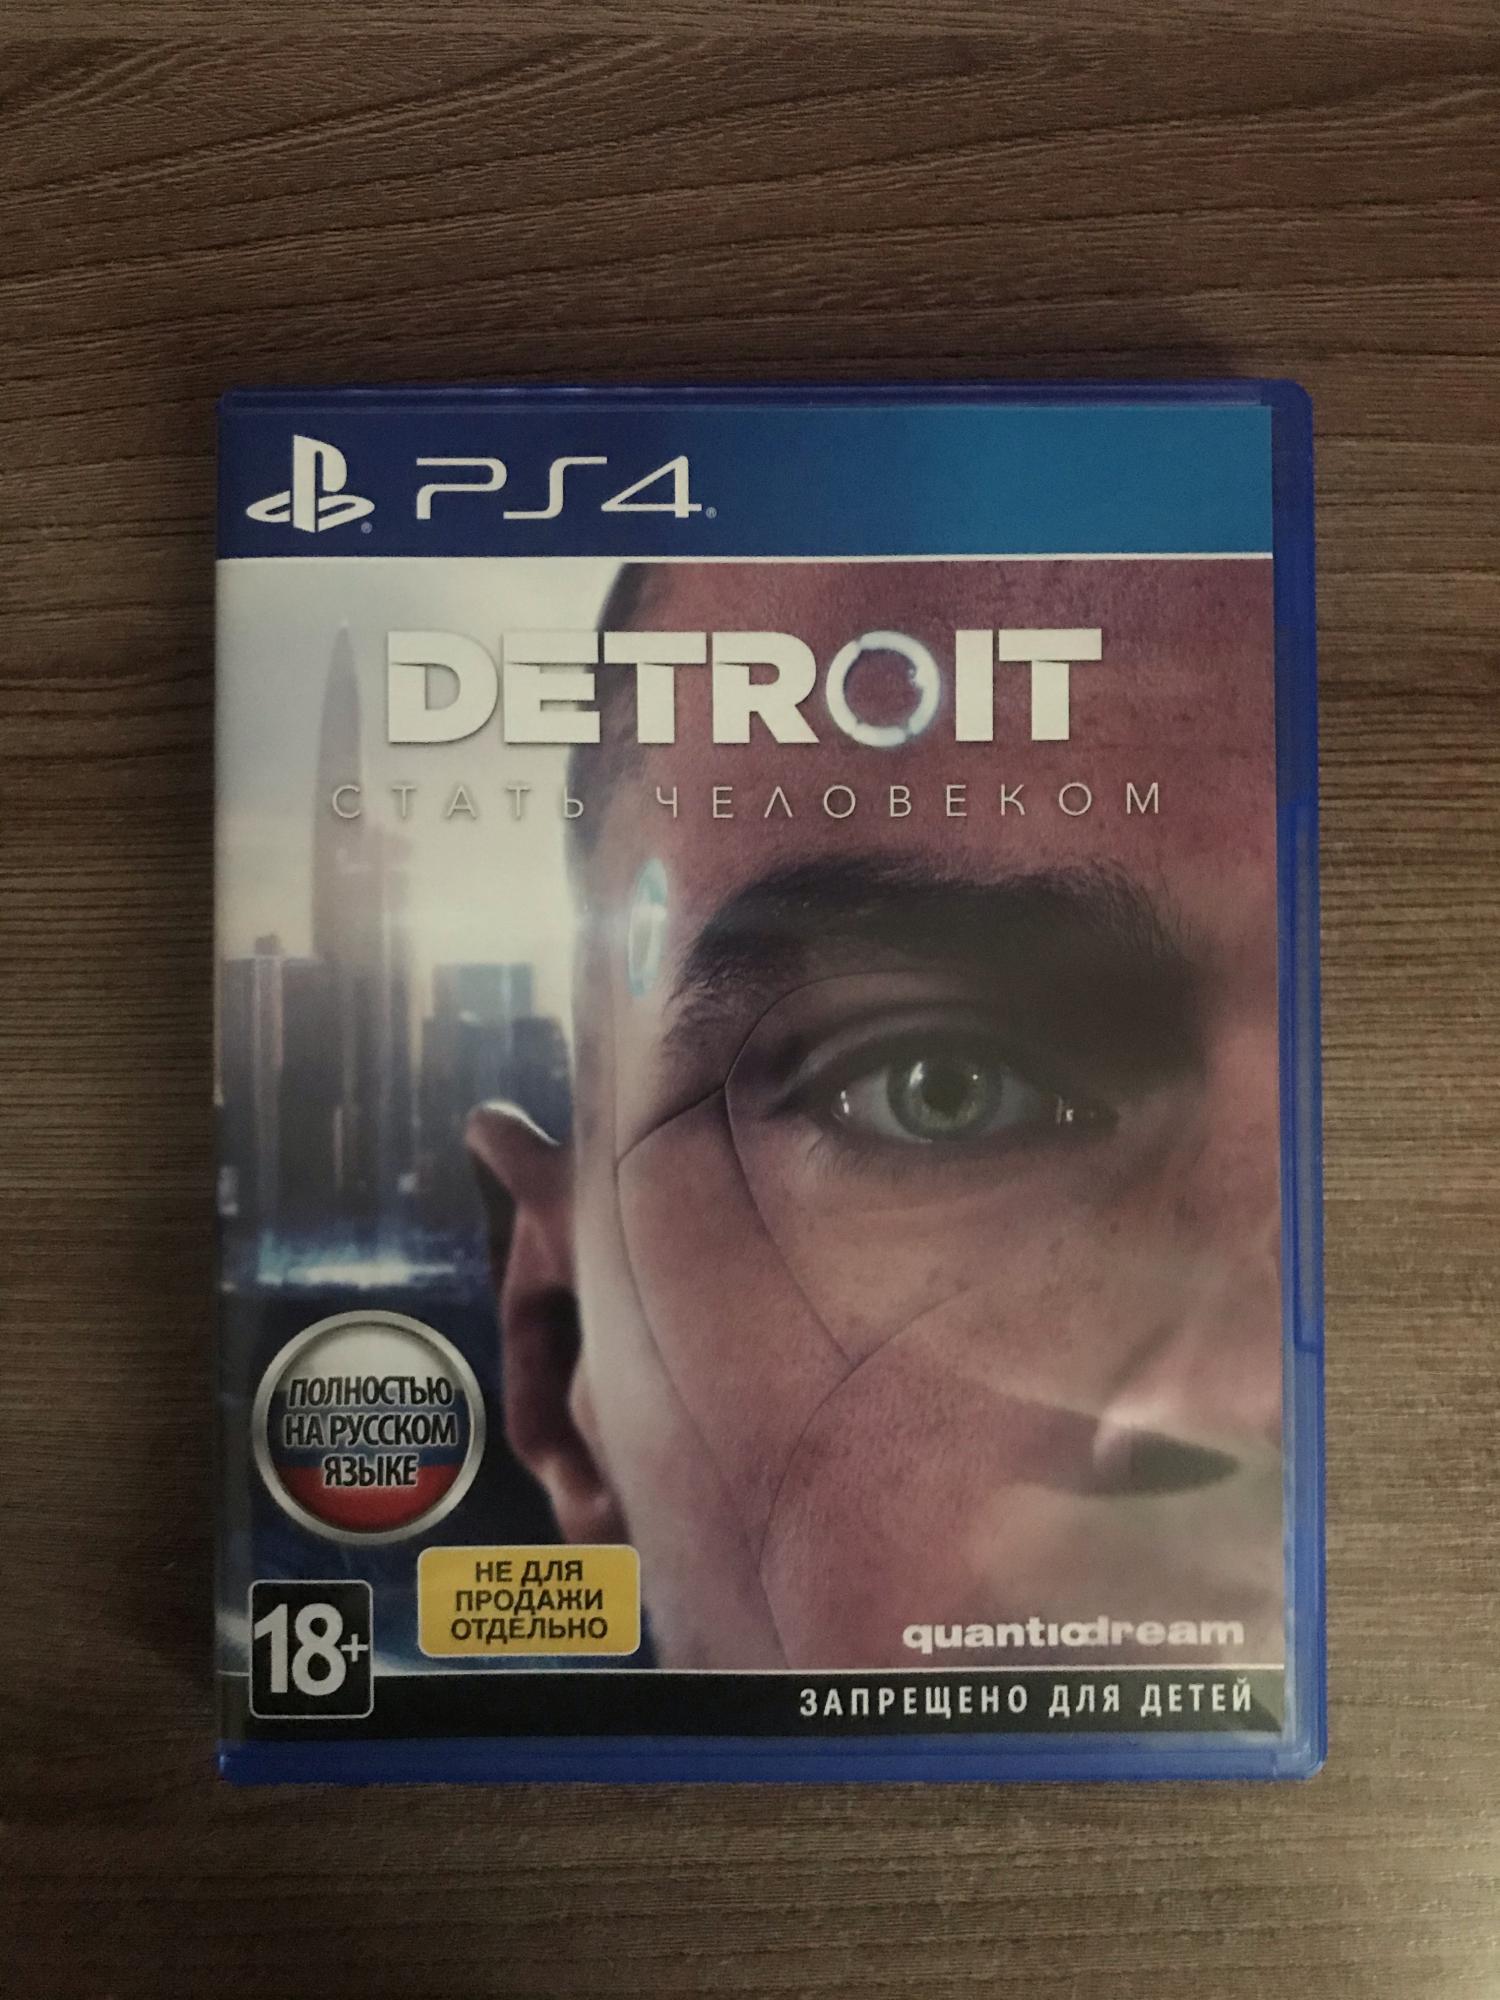 Detroit PS4 в Томилино 89771728804 купить 1